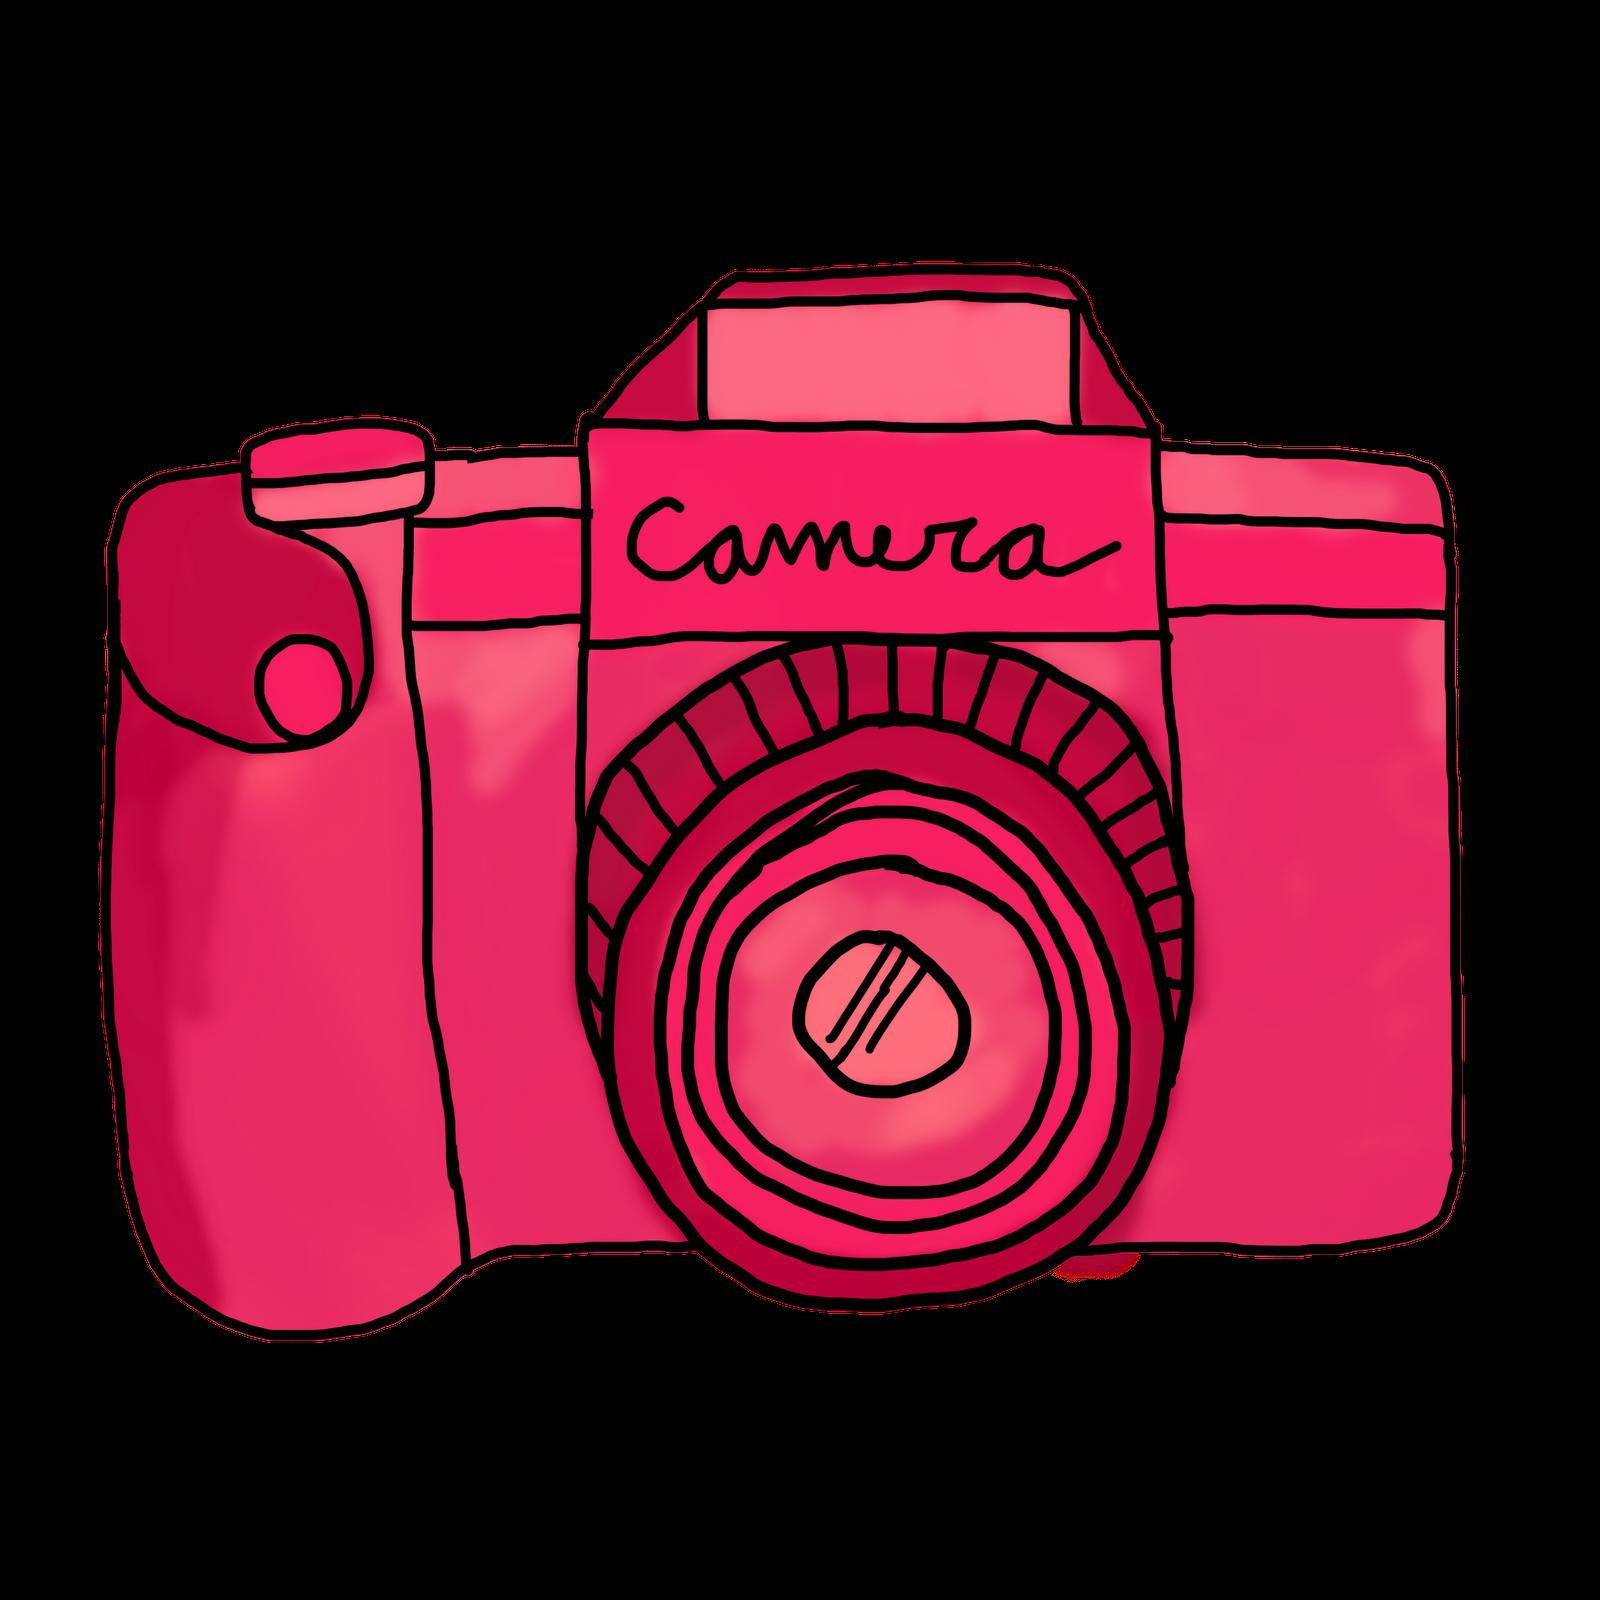 PNG Vintage Camera Transparent CameraPNG Images